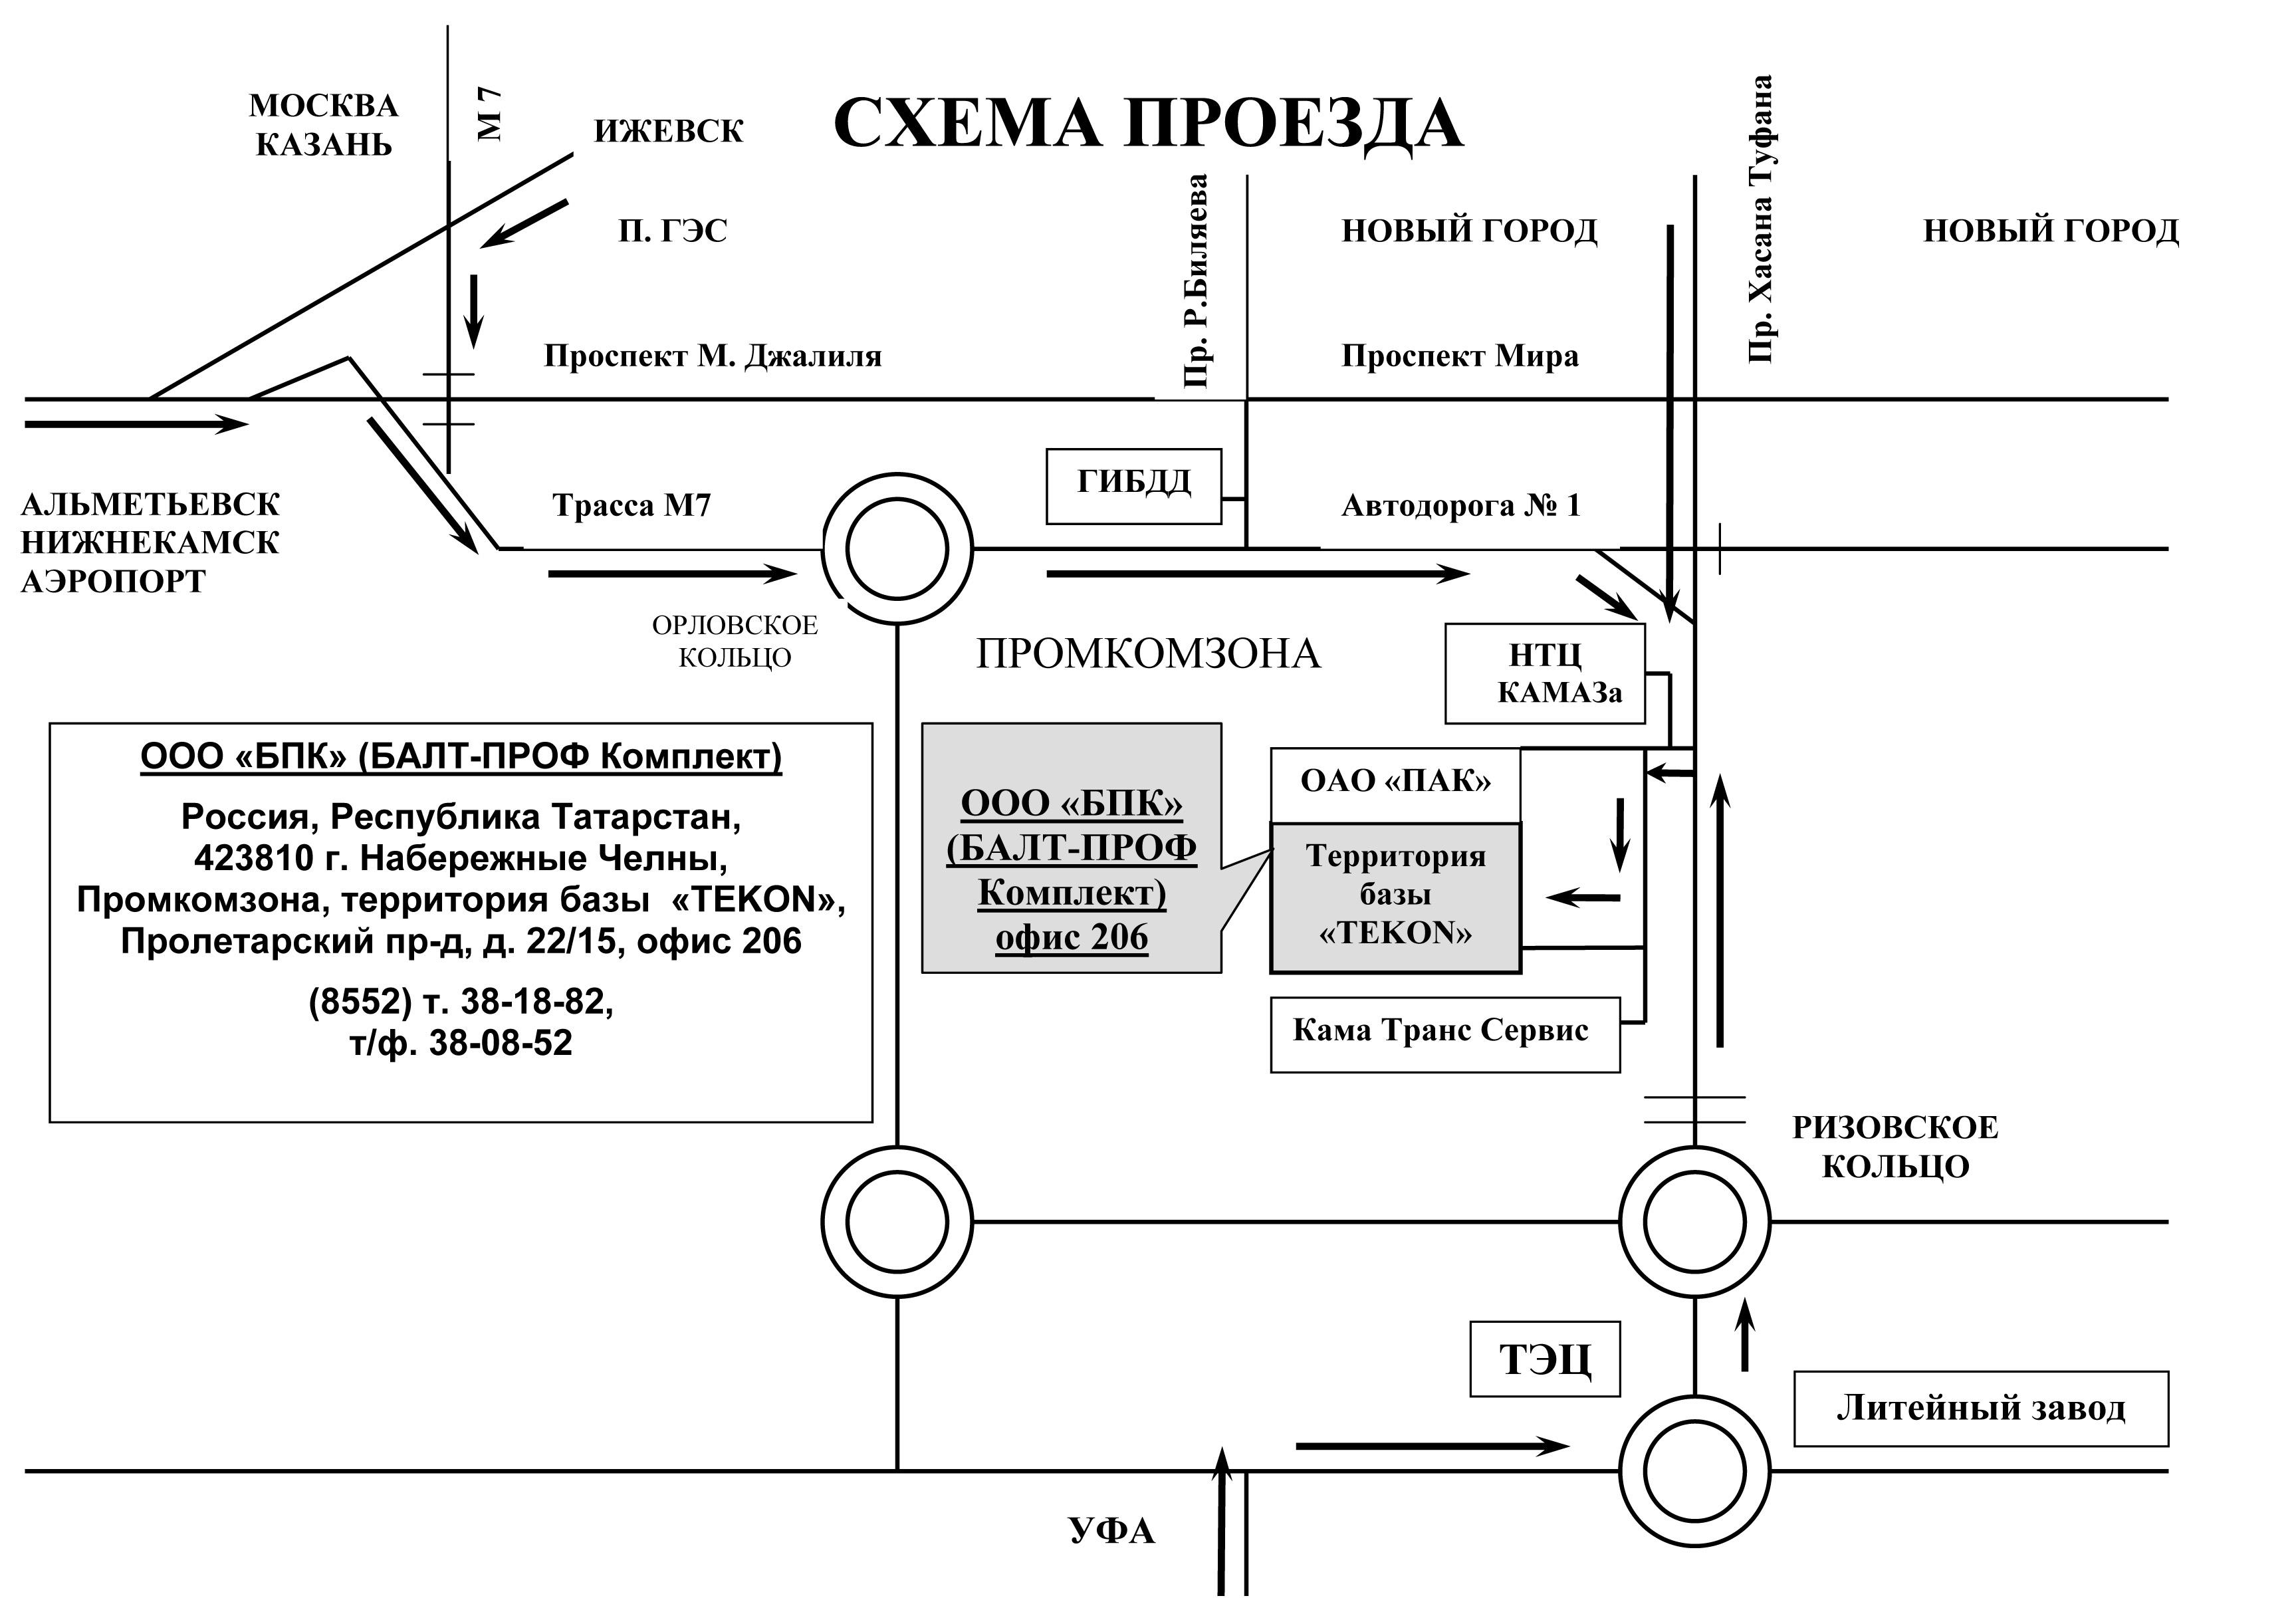 Volga@bpk.ru. Наш адрес в г.Набережные Челны Промкомзона, территория